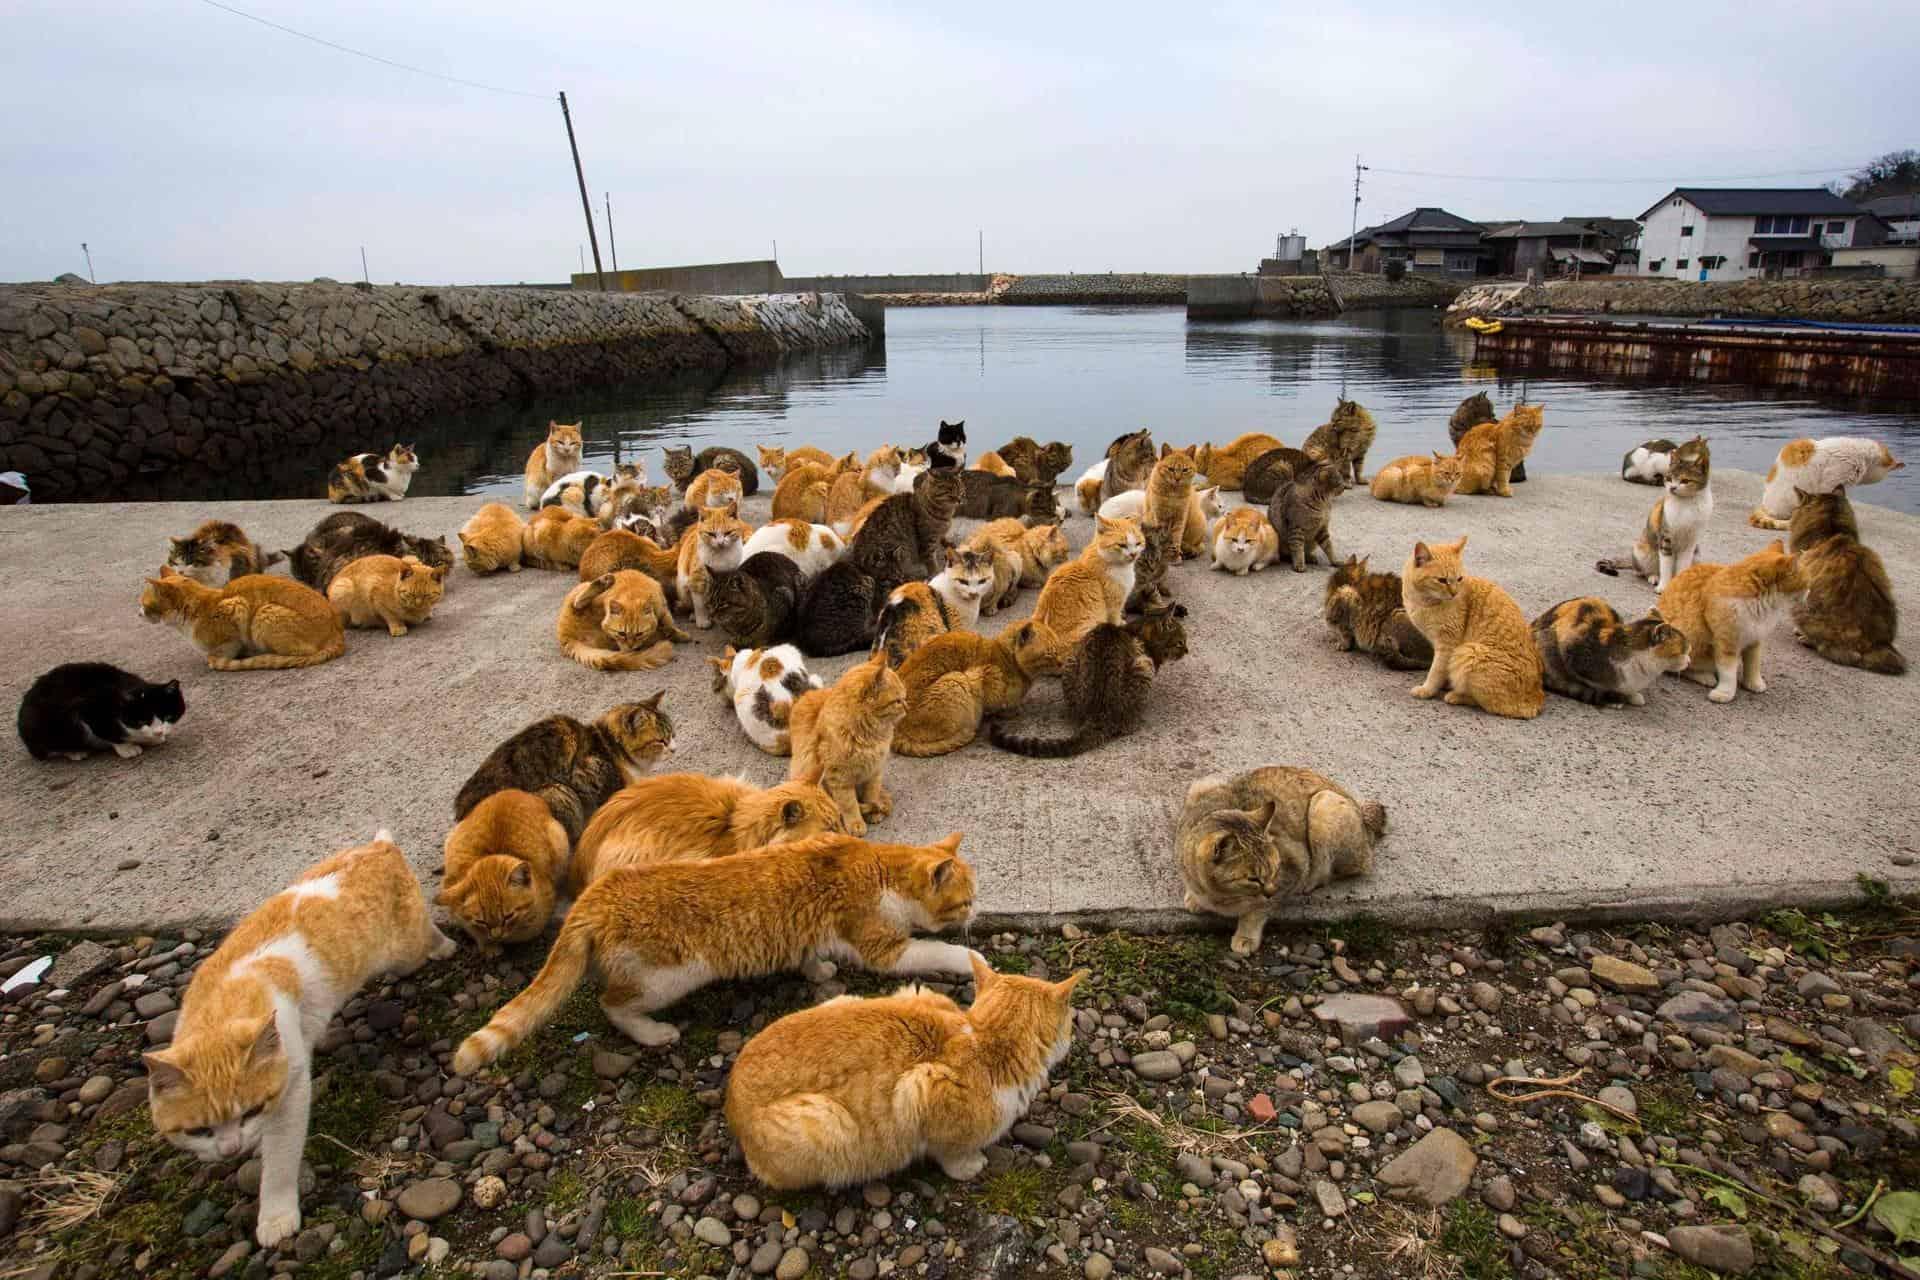 เกาะ แมว ญี่ปุ่น : เกาะทาชิโรจิมะ จังหวัดมิยากิ (Tashirojima, Miyagi)